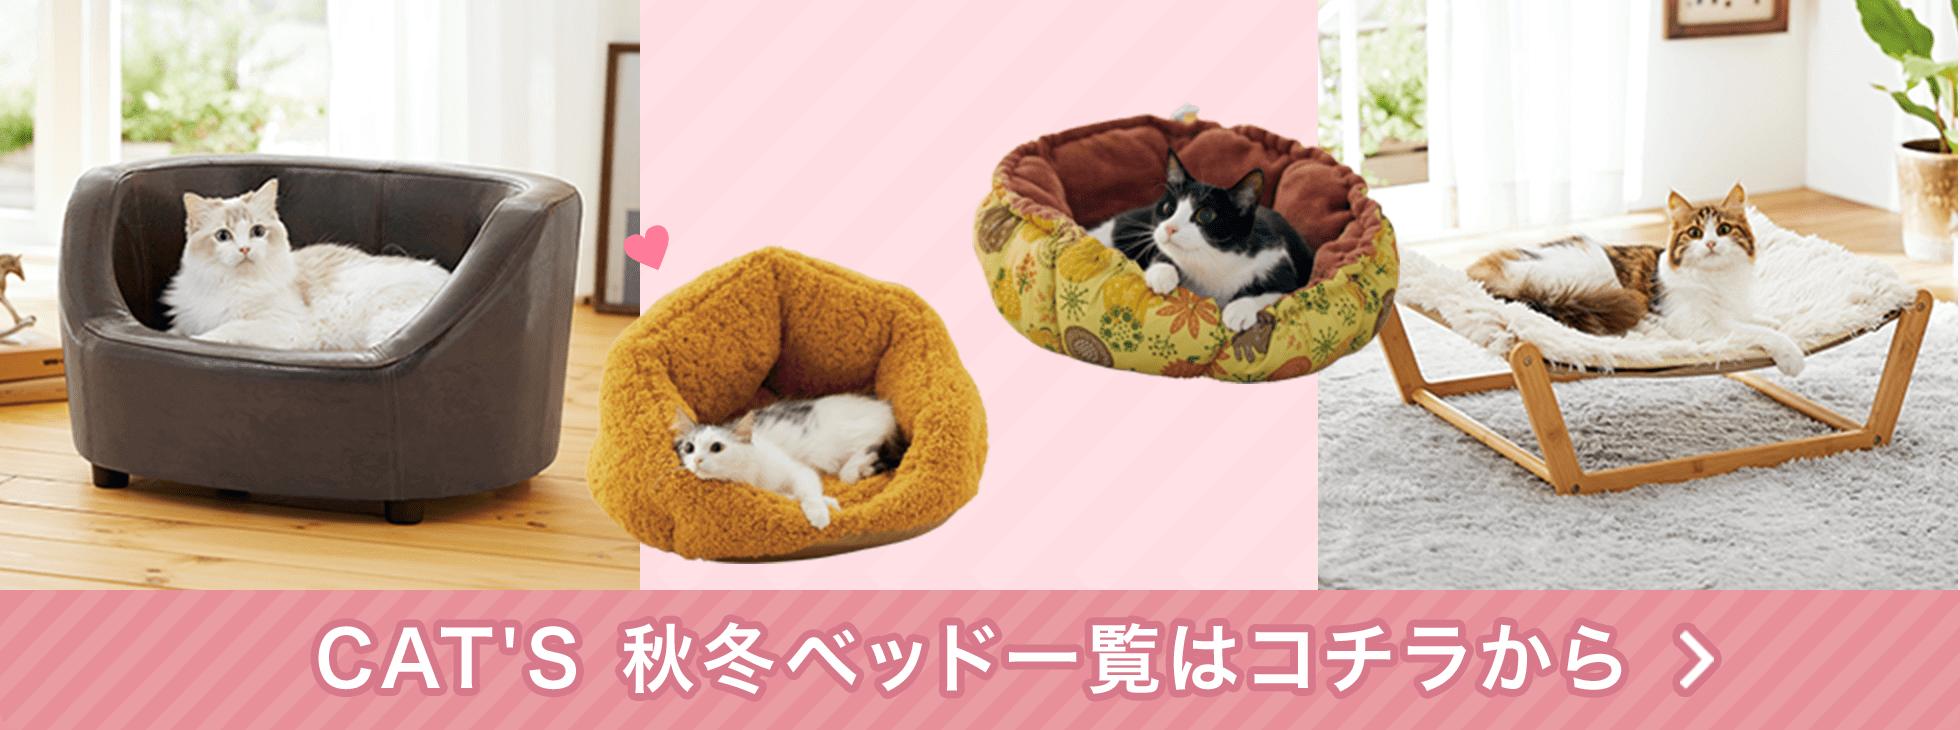 猫ちゃん喜ぶ幸せベッドはコチラをチェック!